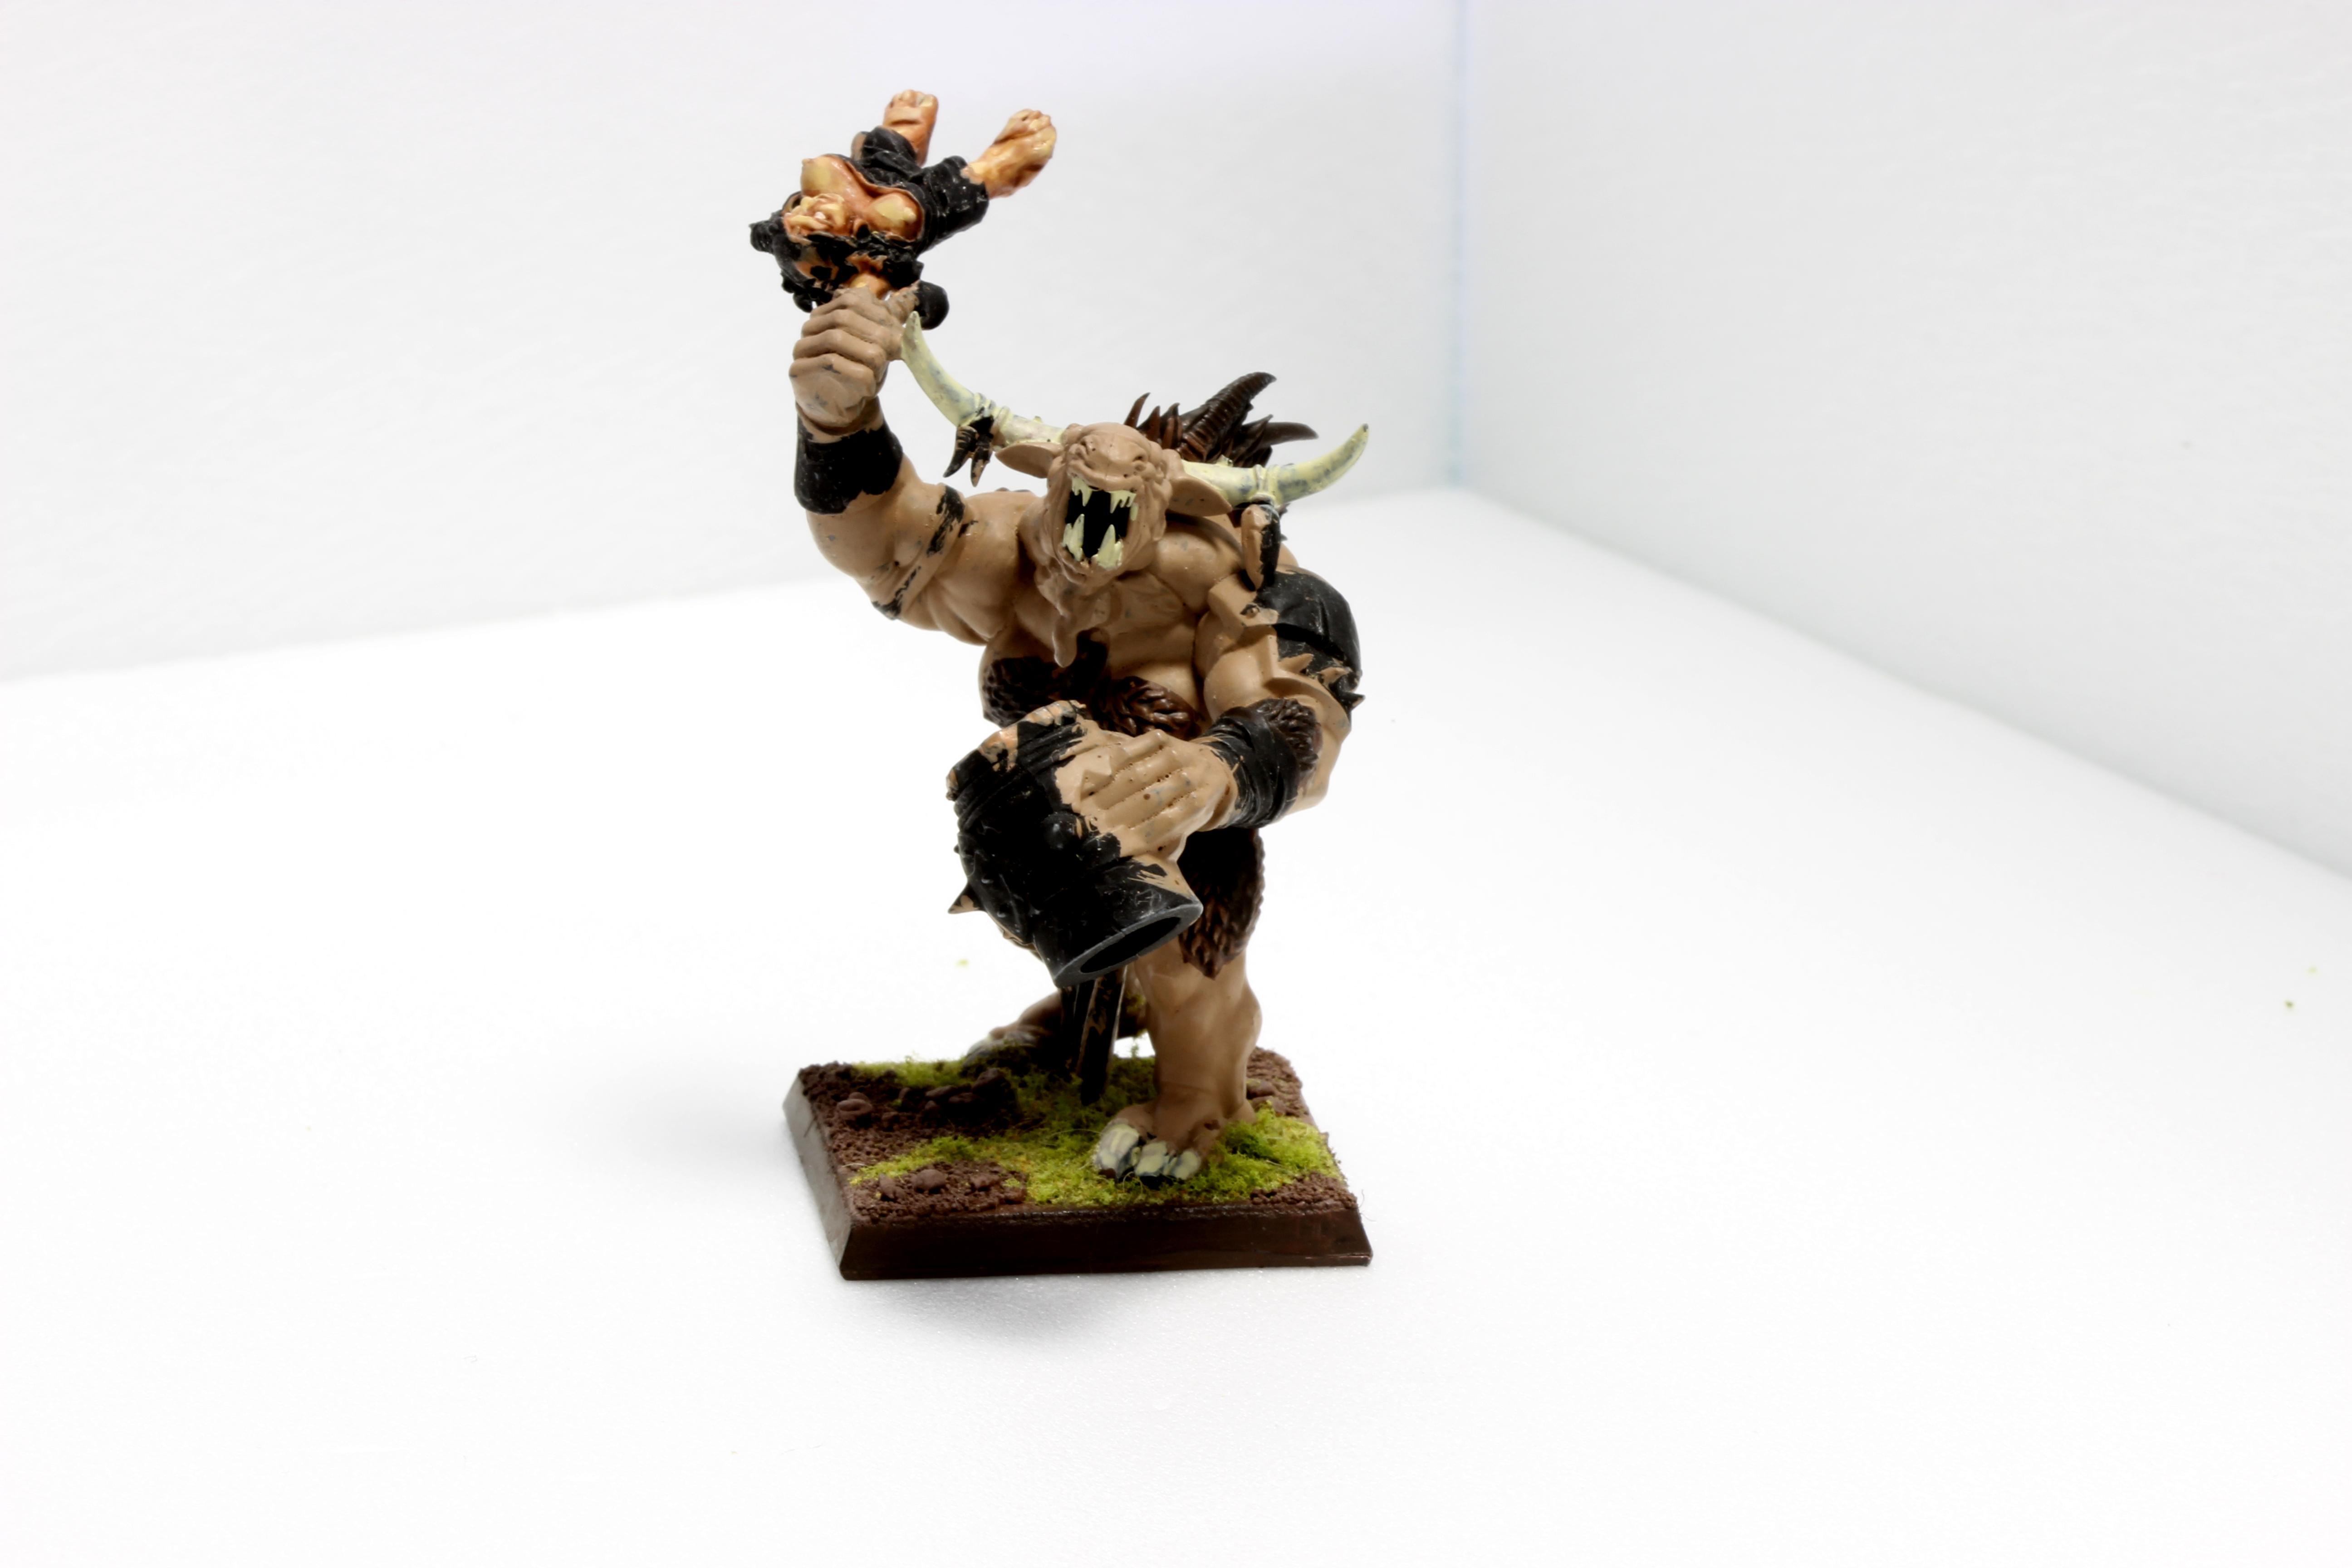 Beastmen, Command Minotaurs, Conversion, Ecatombe, Humor, Minotaur, Musician, Warhammer Fantasy